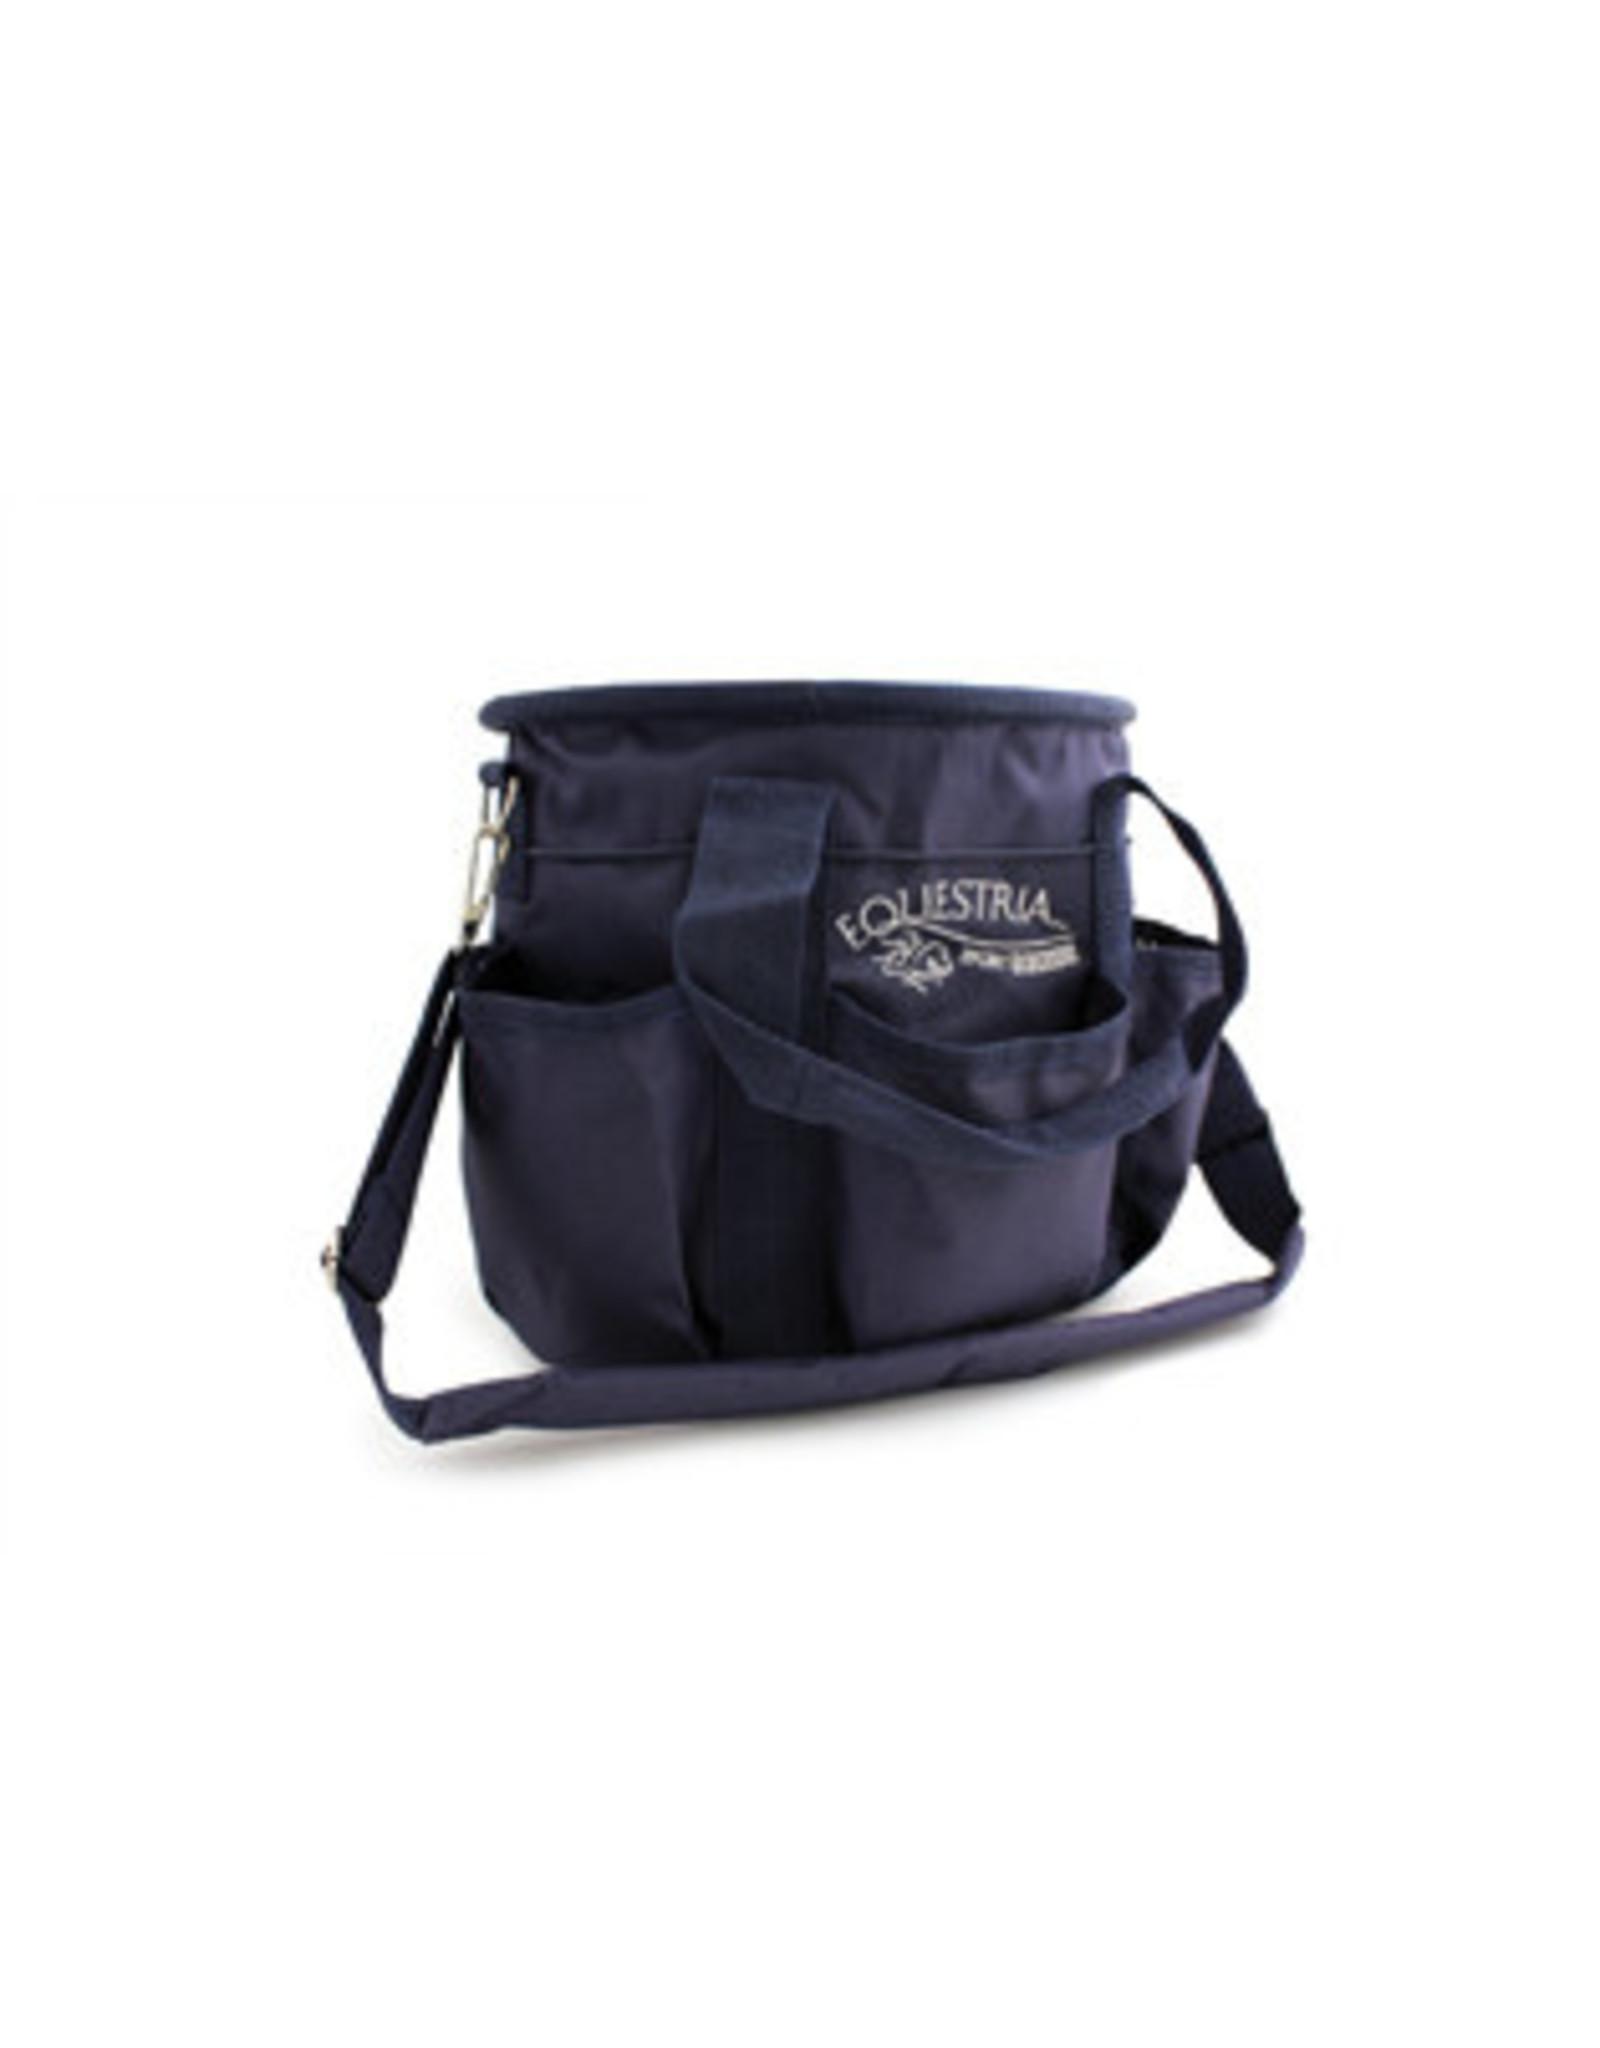 Grooming Bag Equestria Sport